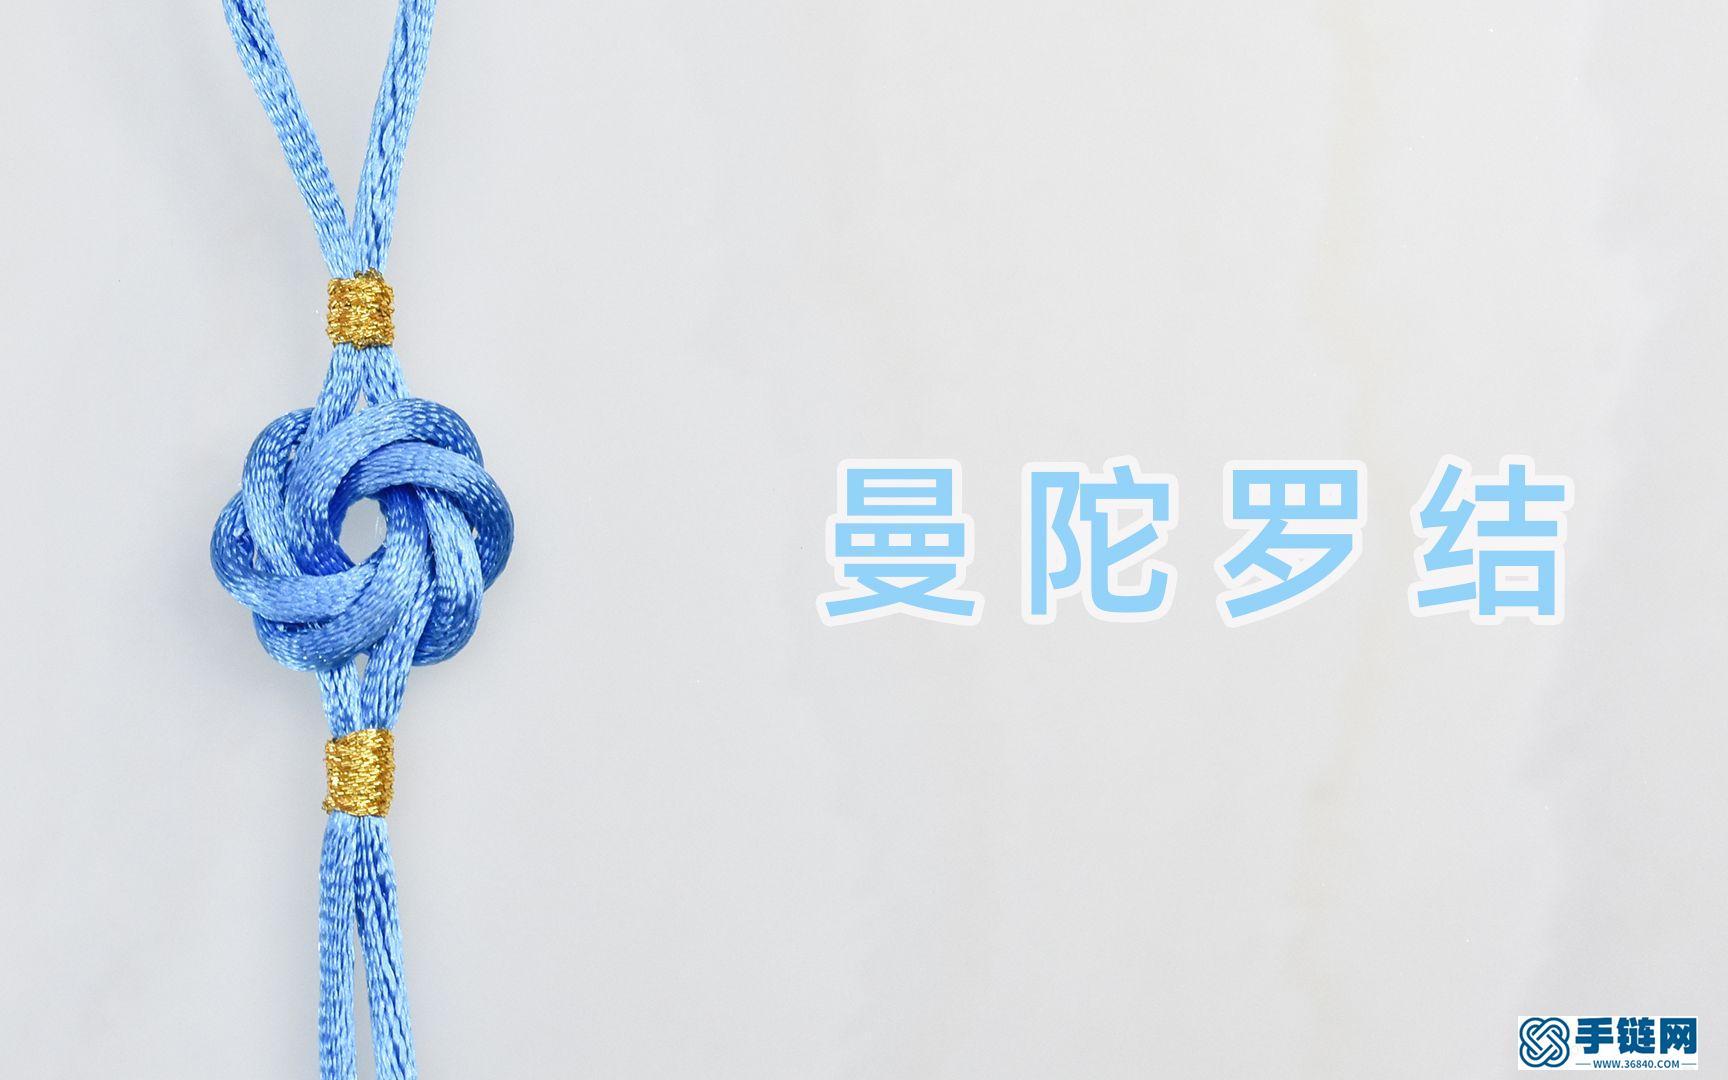 手工编绳曼陀罗结 中国结基础结教程 简单又好学~